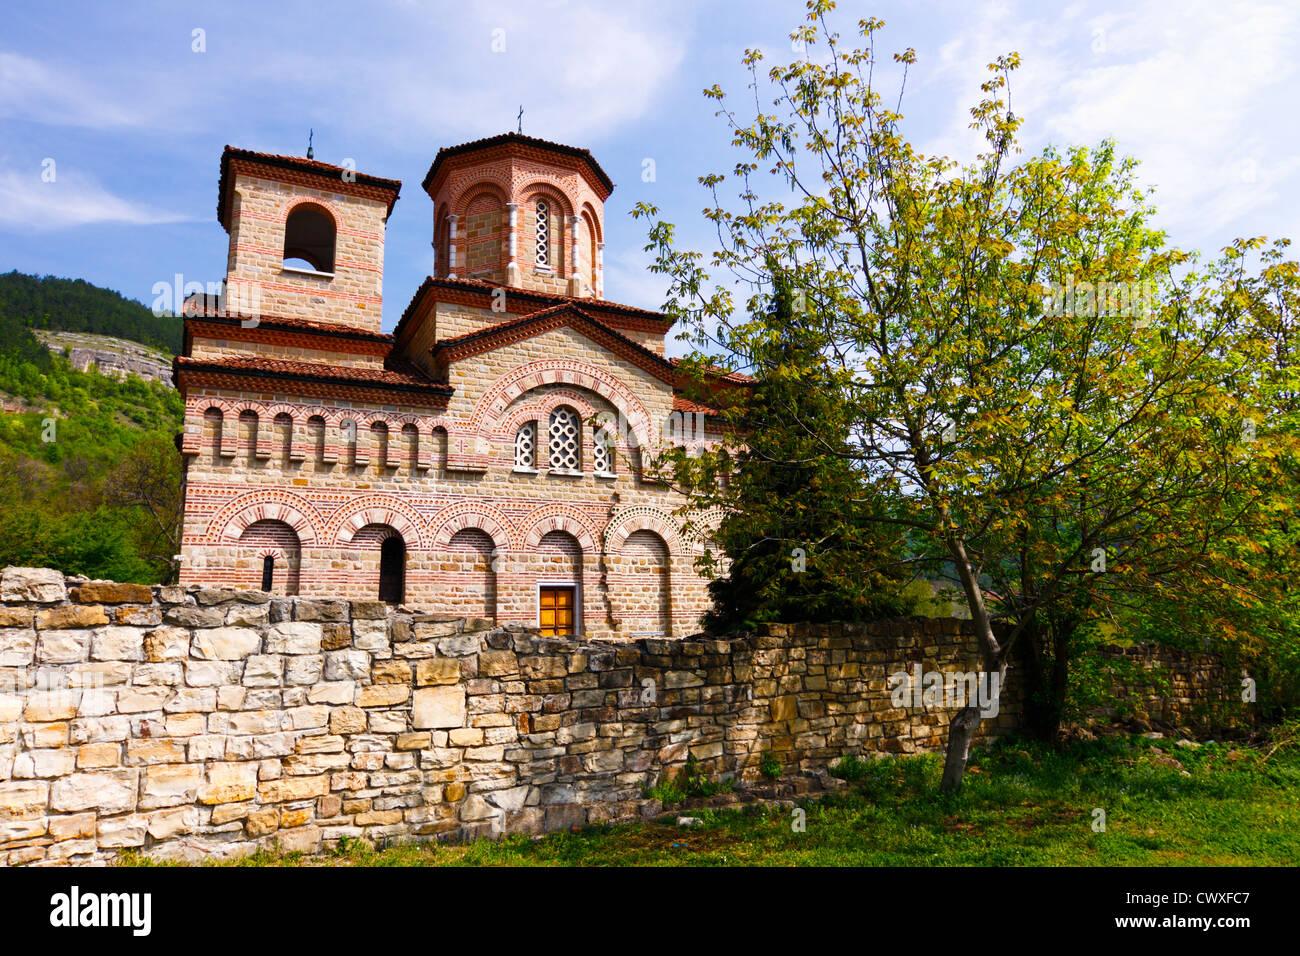 St. Dimitar church, the oldest Medieval church in Veliko Tarnovo, Bulgaria Stock Photo